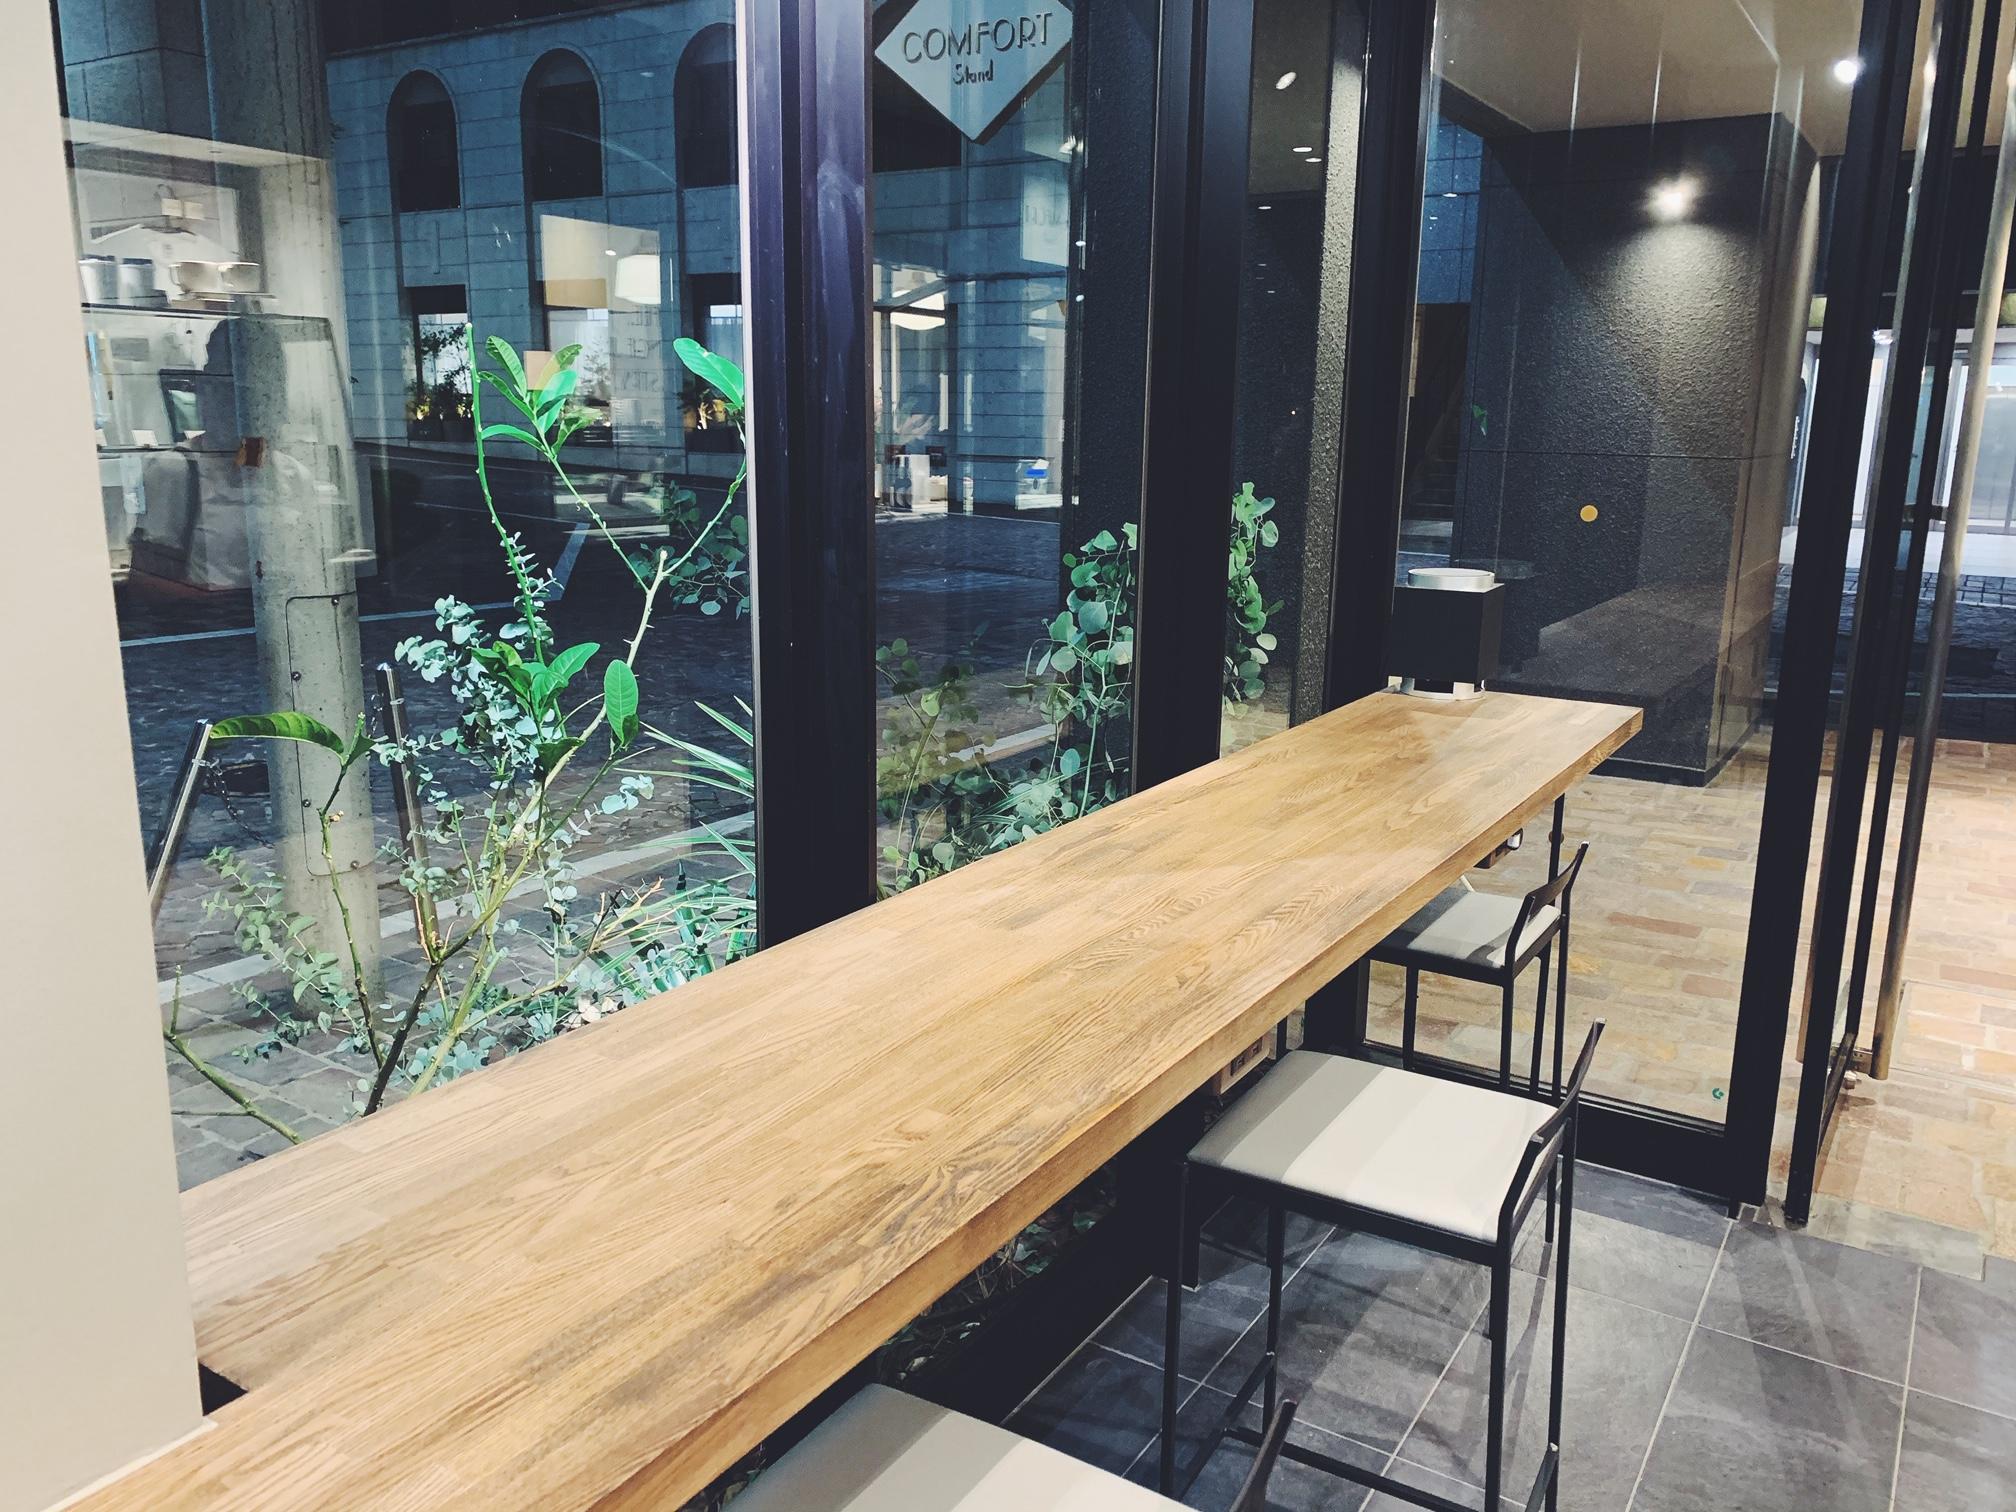 【おすすめカフェ】《オレンジ香るカフェモカ×オーツミルク》でヘルシーに♡_11